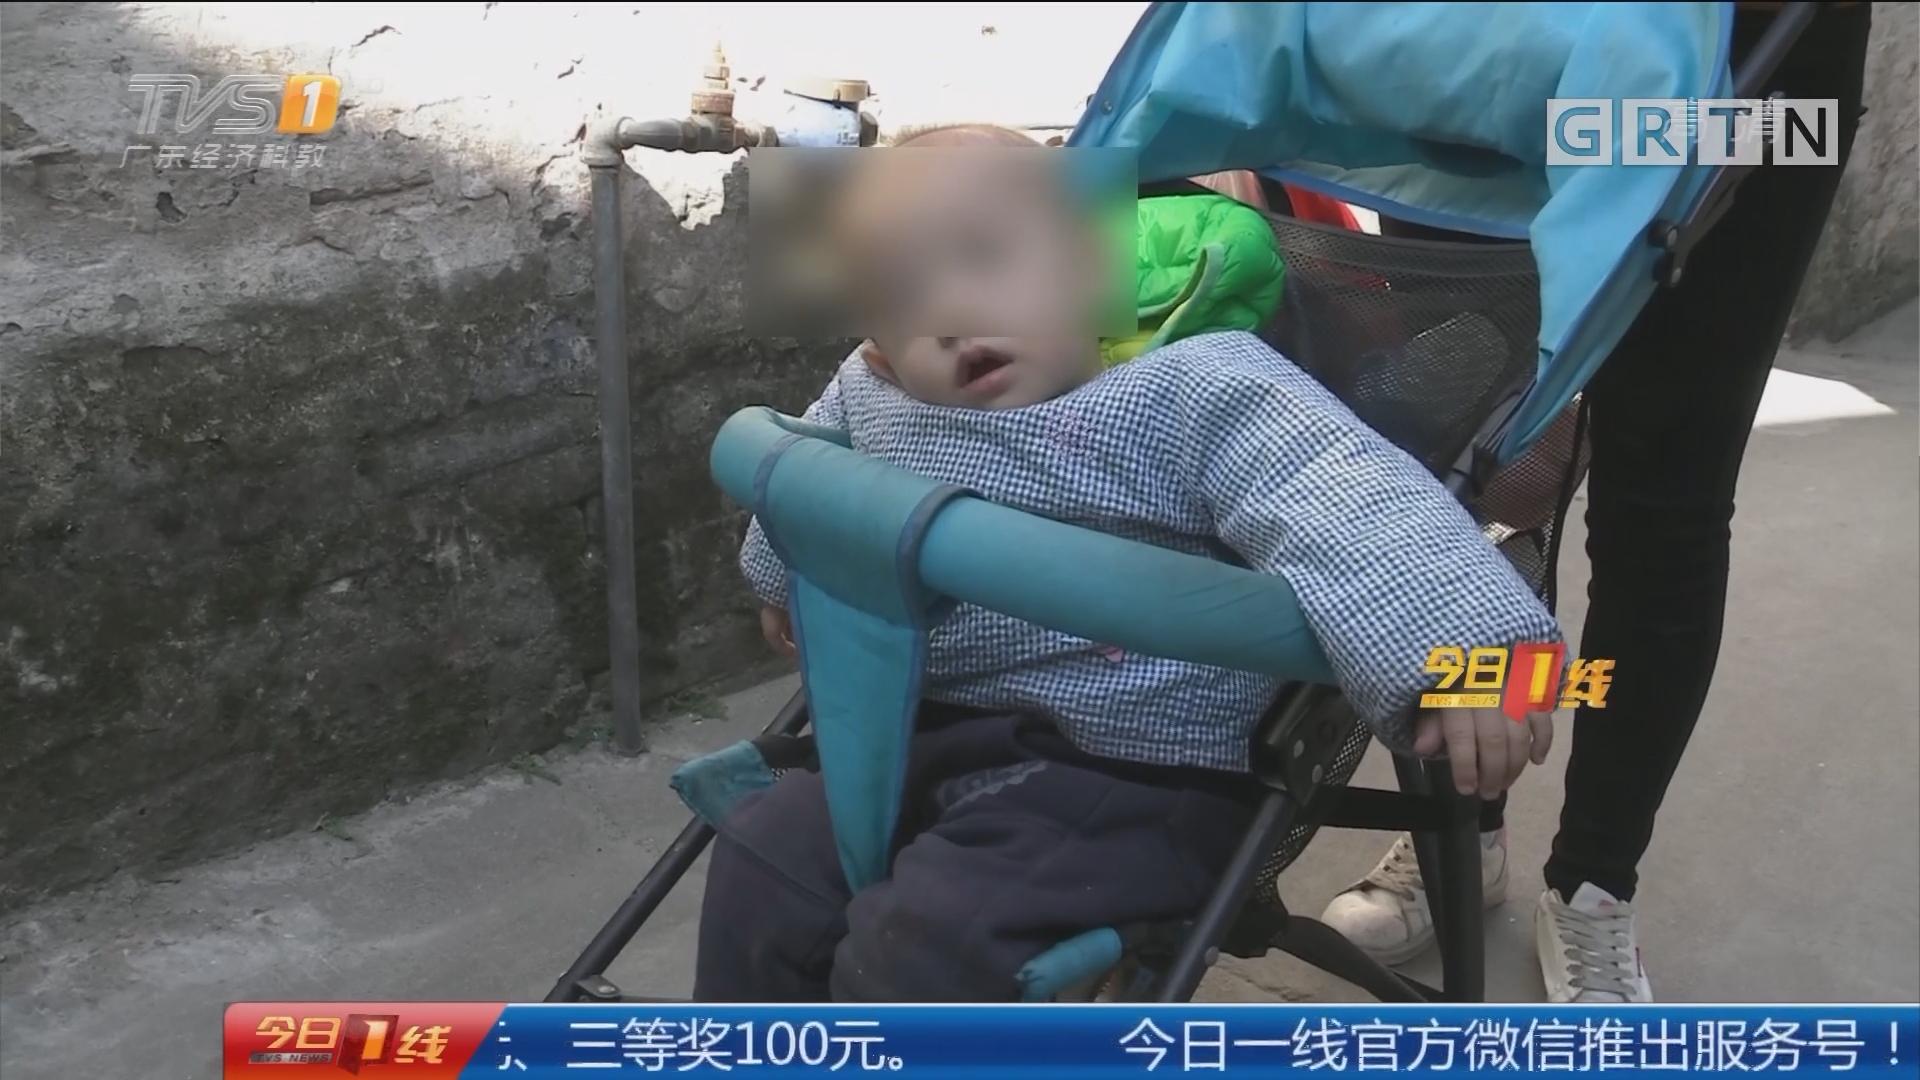 佛山南海:一岁幼儿自锁屋内 民警消防及时解救